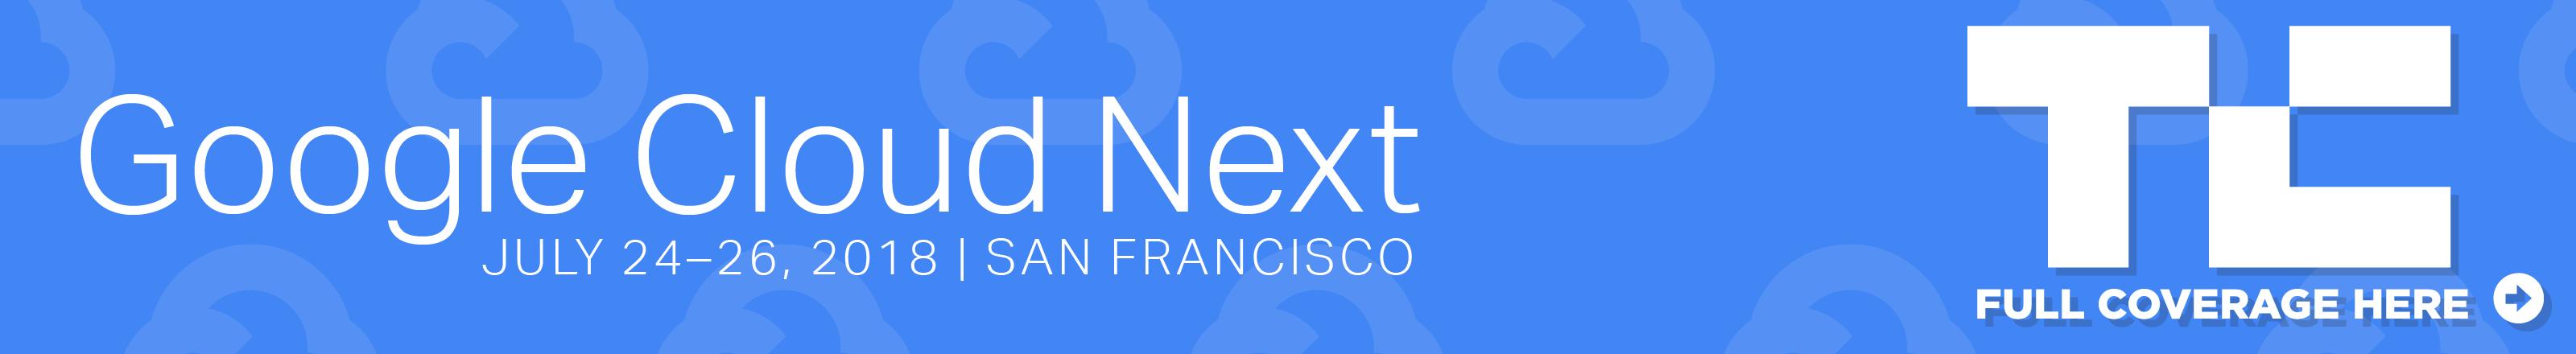 google cloud next 2018 banner 6